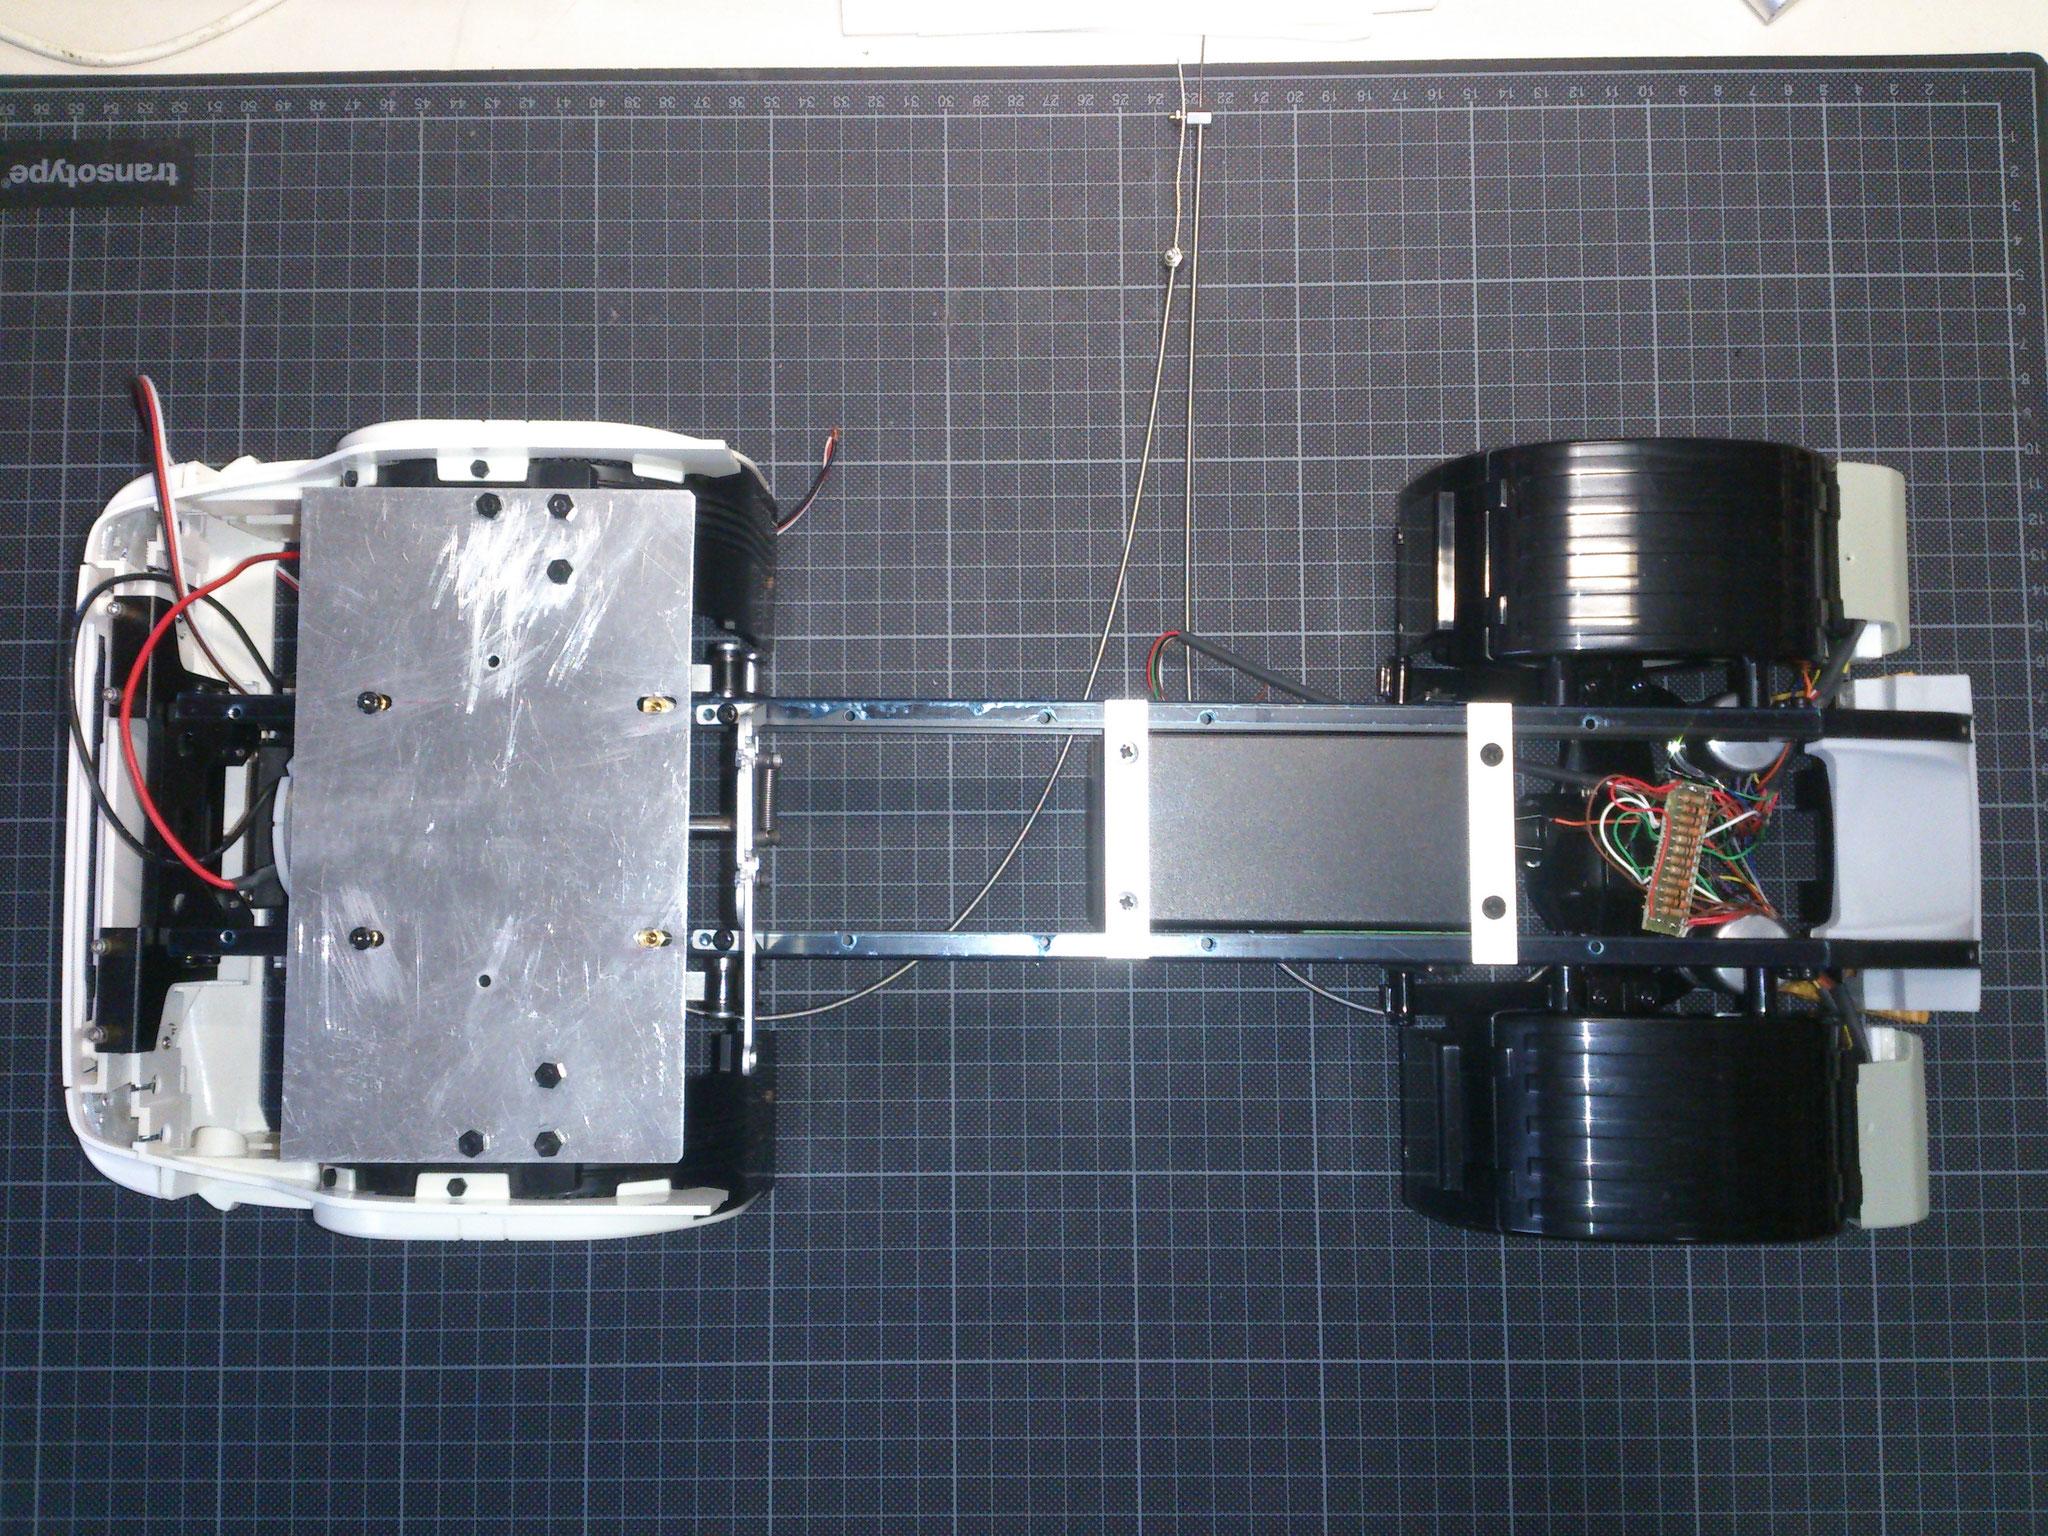 R470のシャーシフレームの取り付けた6連シーケンシャルウィンカー用アンプ